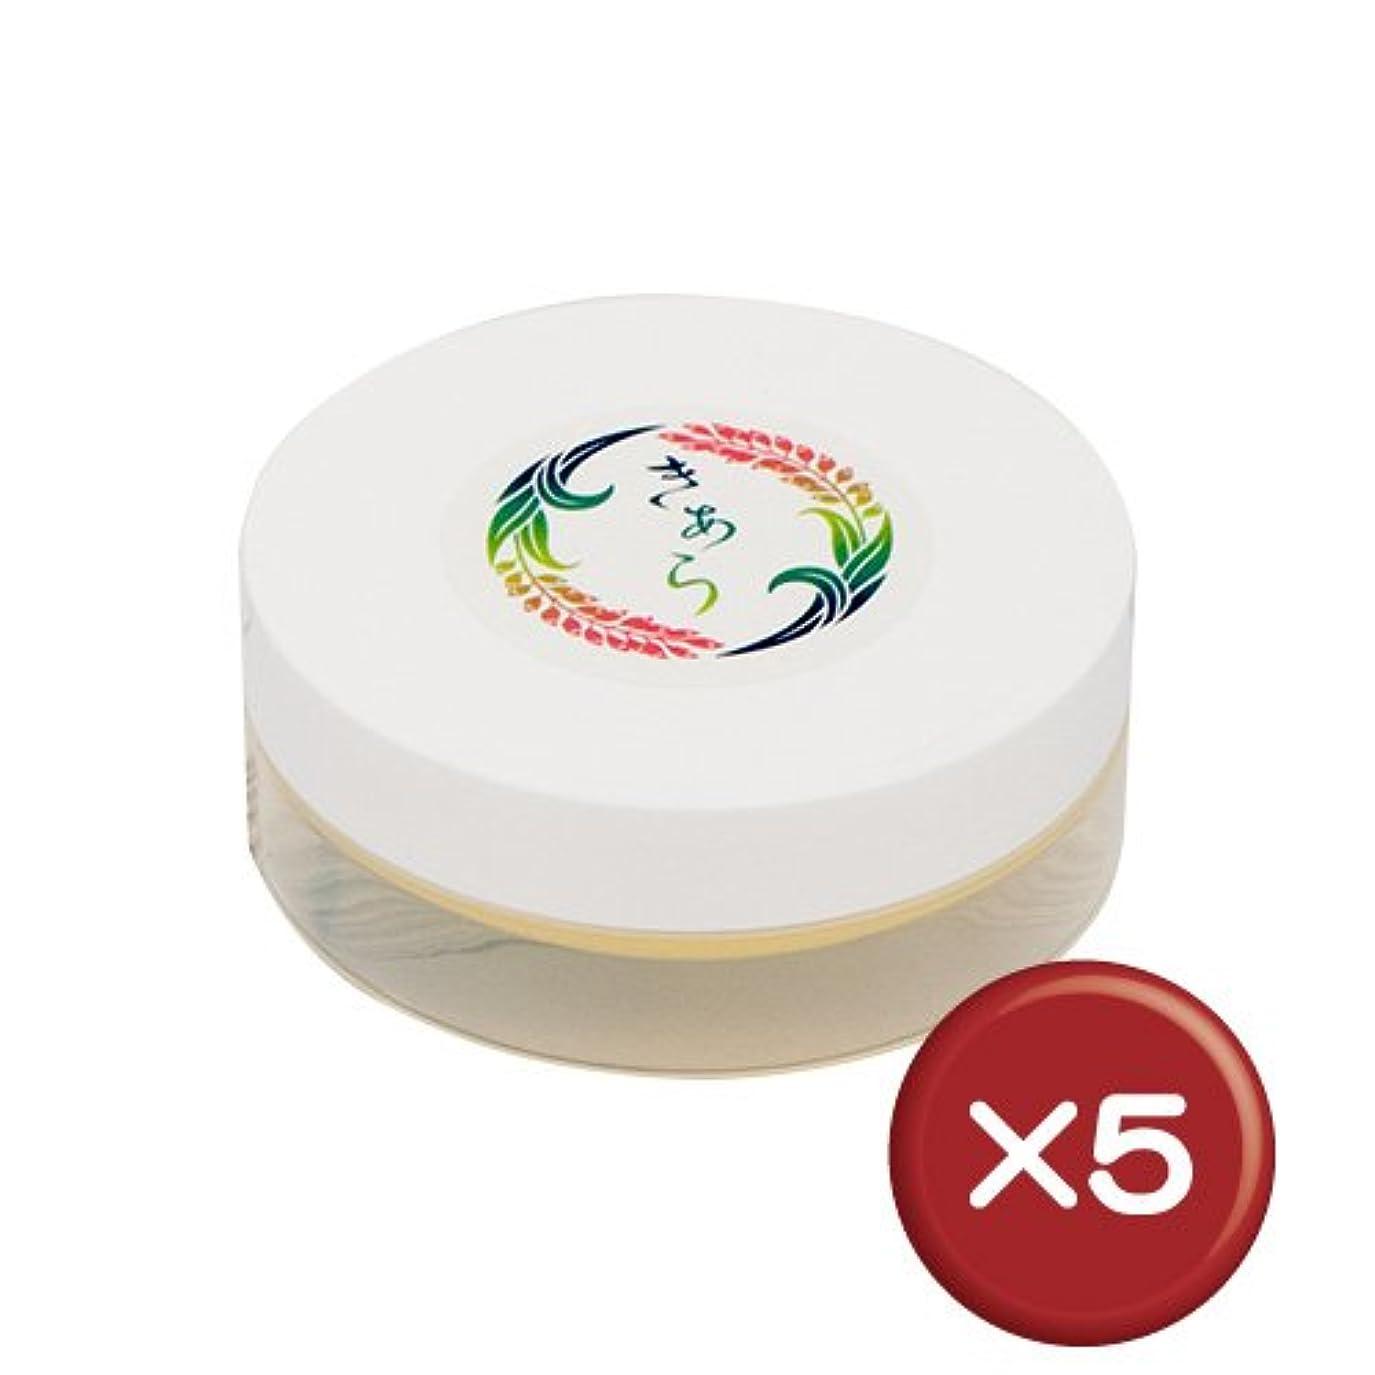 適応的ブッシュパシフィック月桃精油入りミツロウクリーム 5個セット